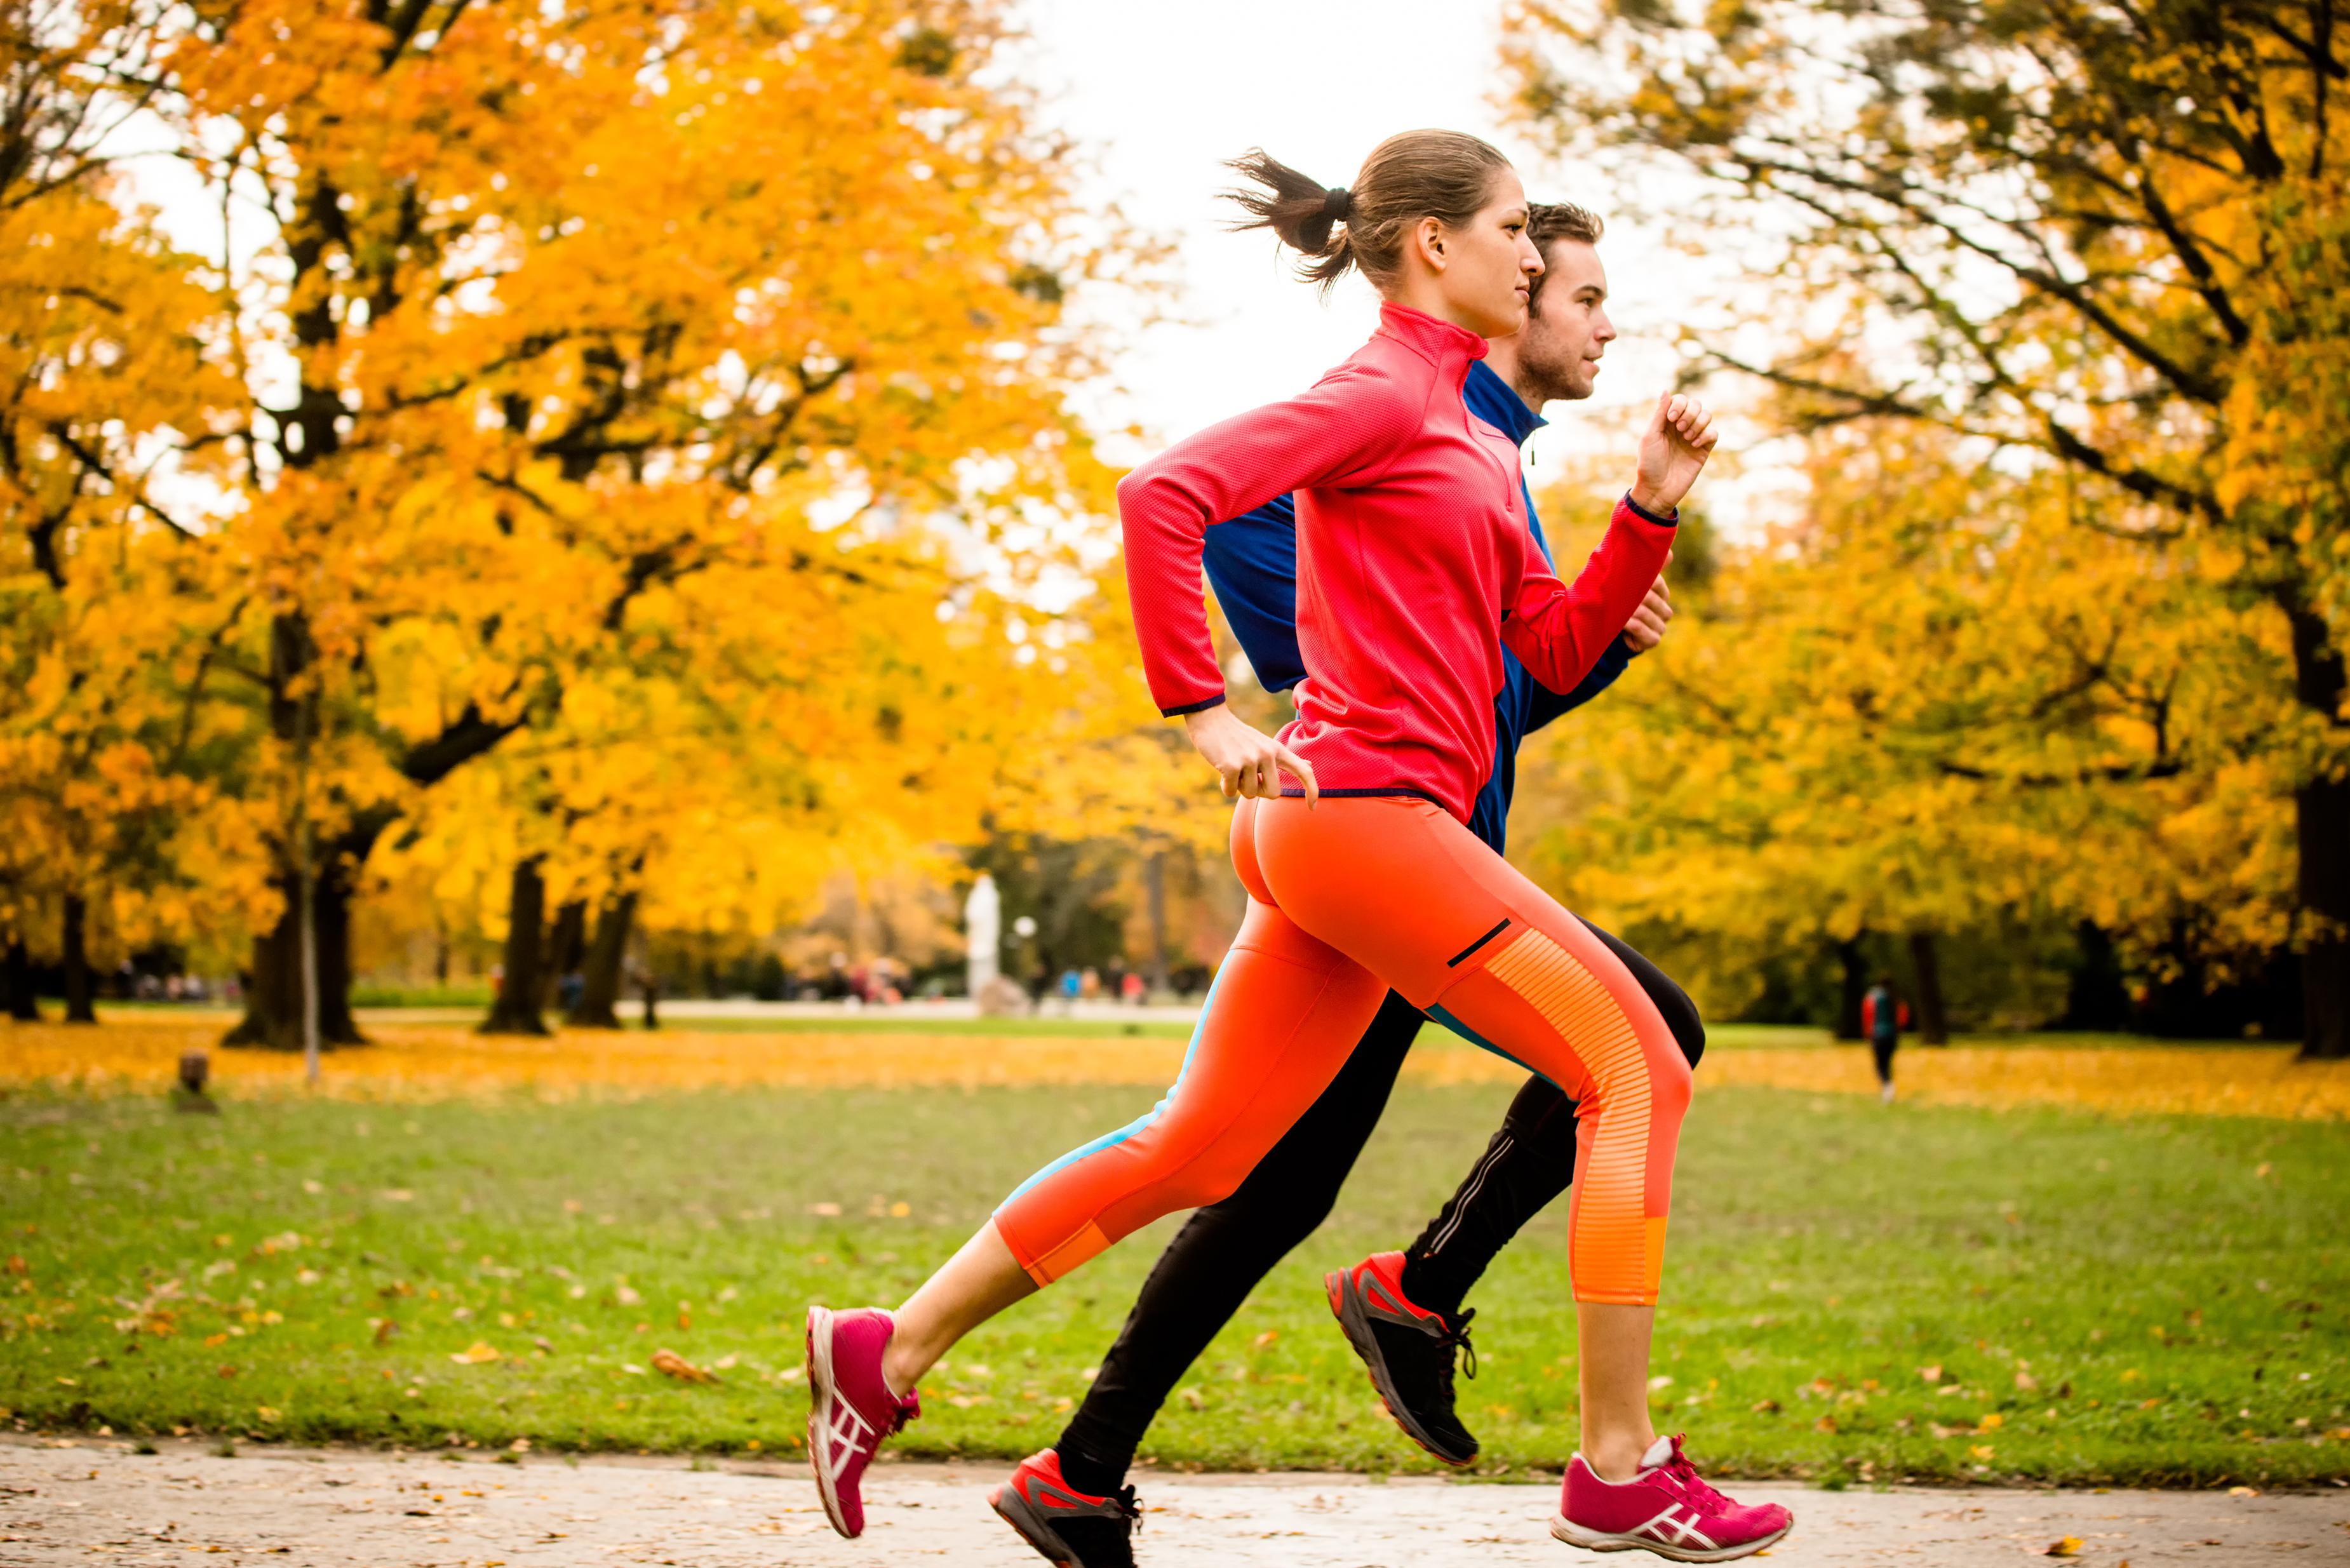 frio do outono é um convite para a preguiça, mas é possível fazer atividades físicas fora da academia de maneira confortável e prazerosa.